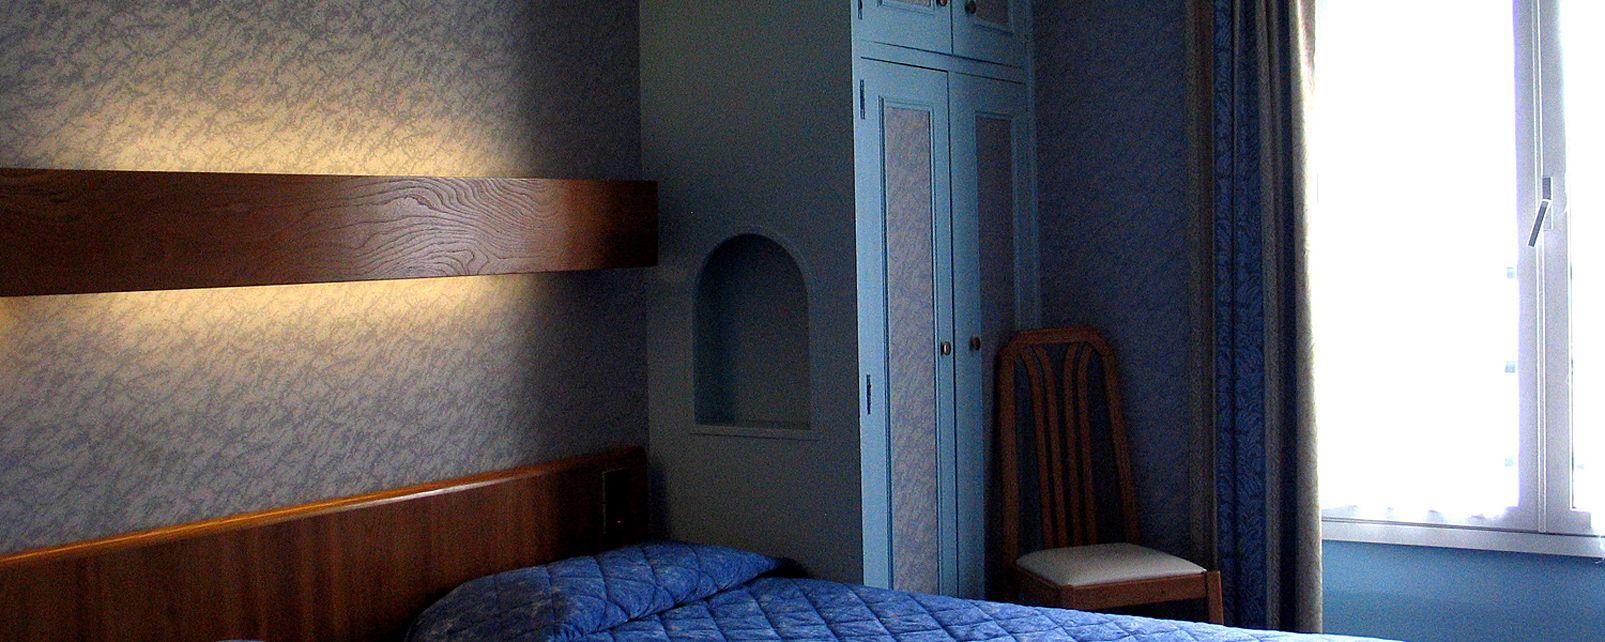 hotel atel modern est frankreich